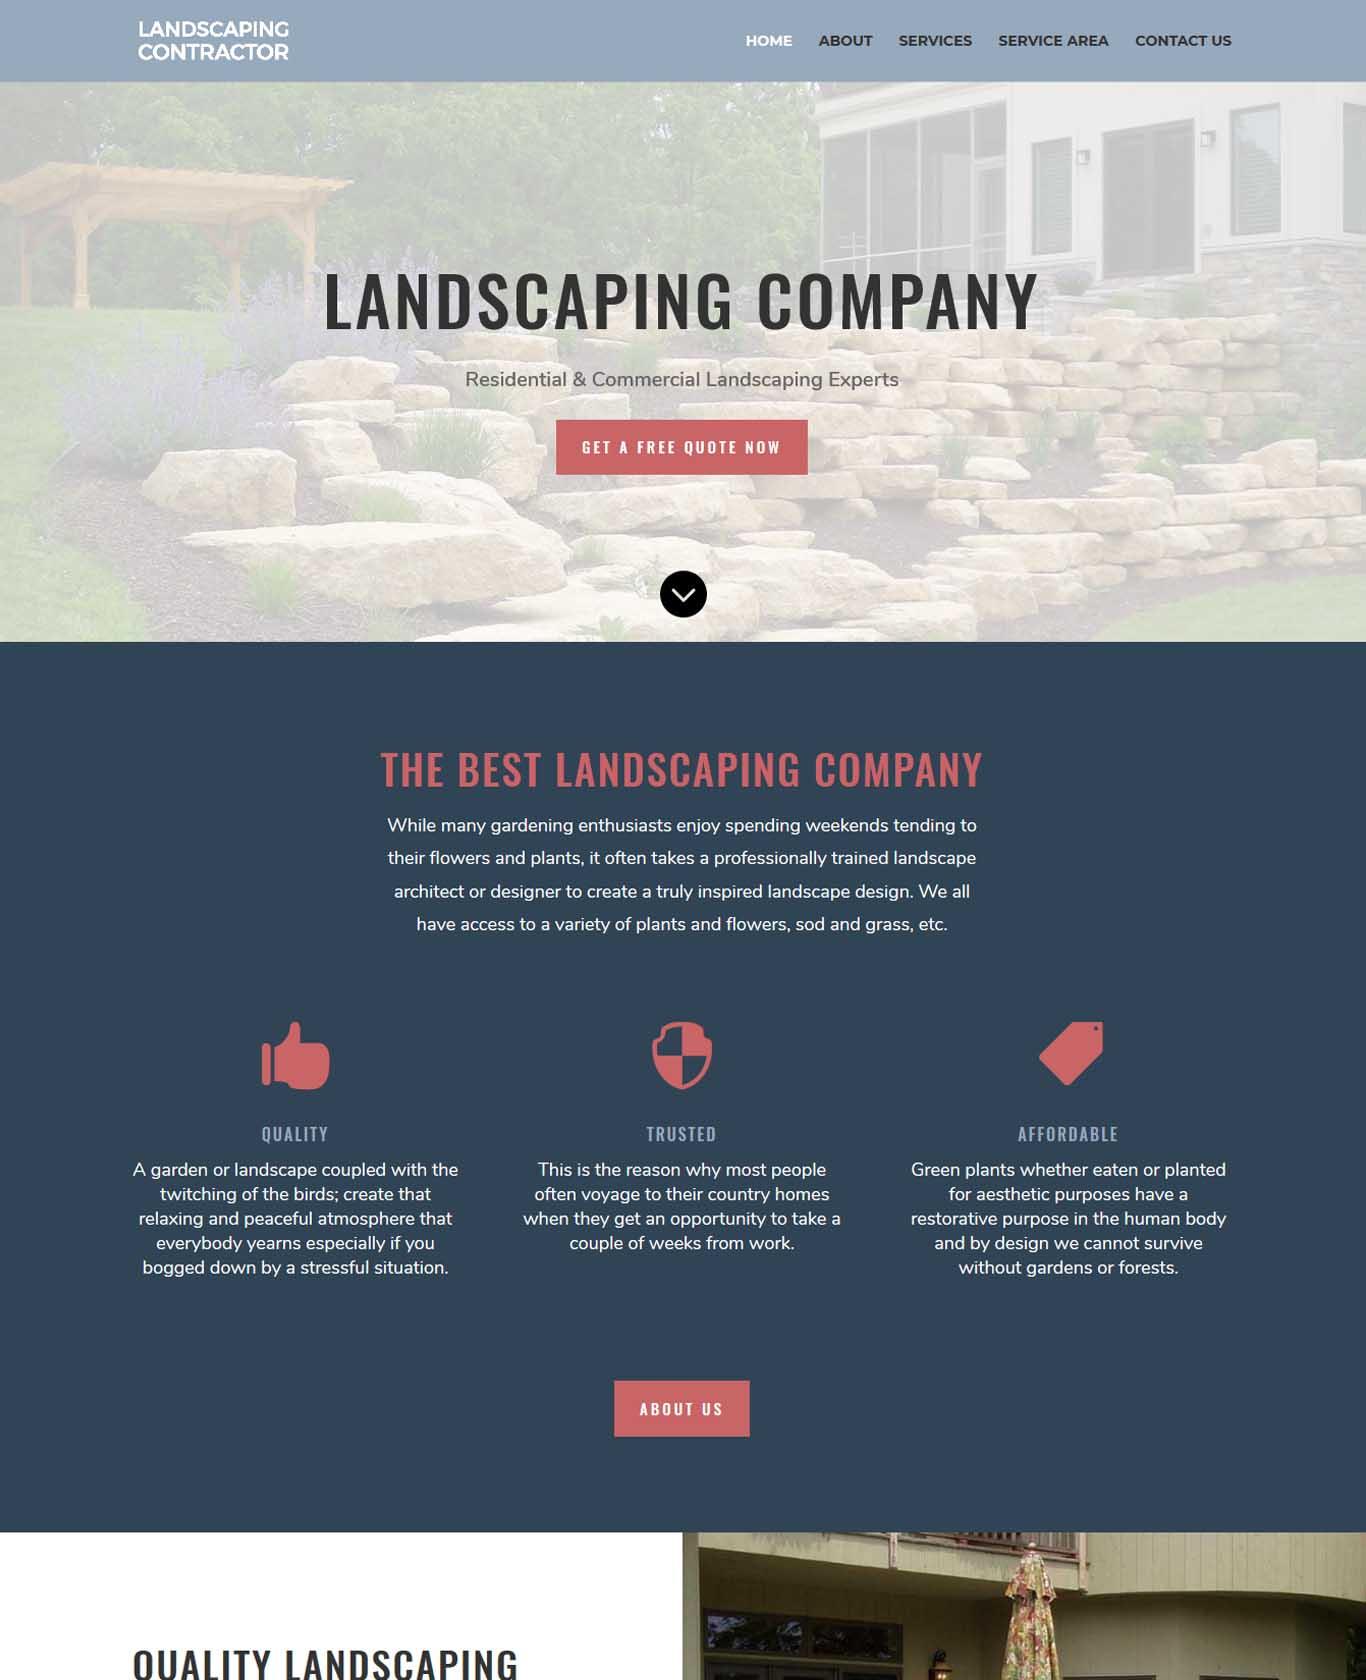 Landscaping Company Website Sample Design 2